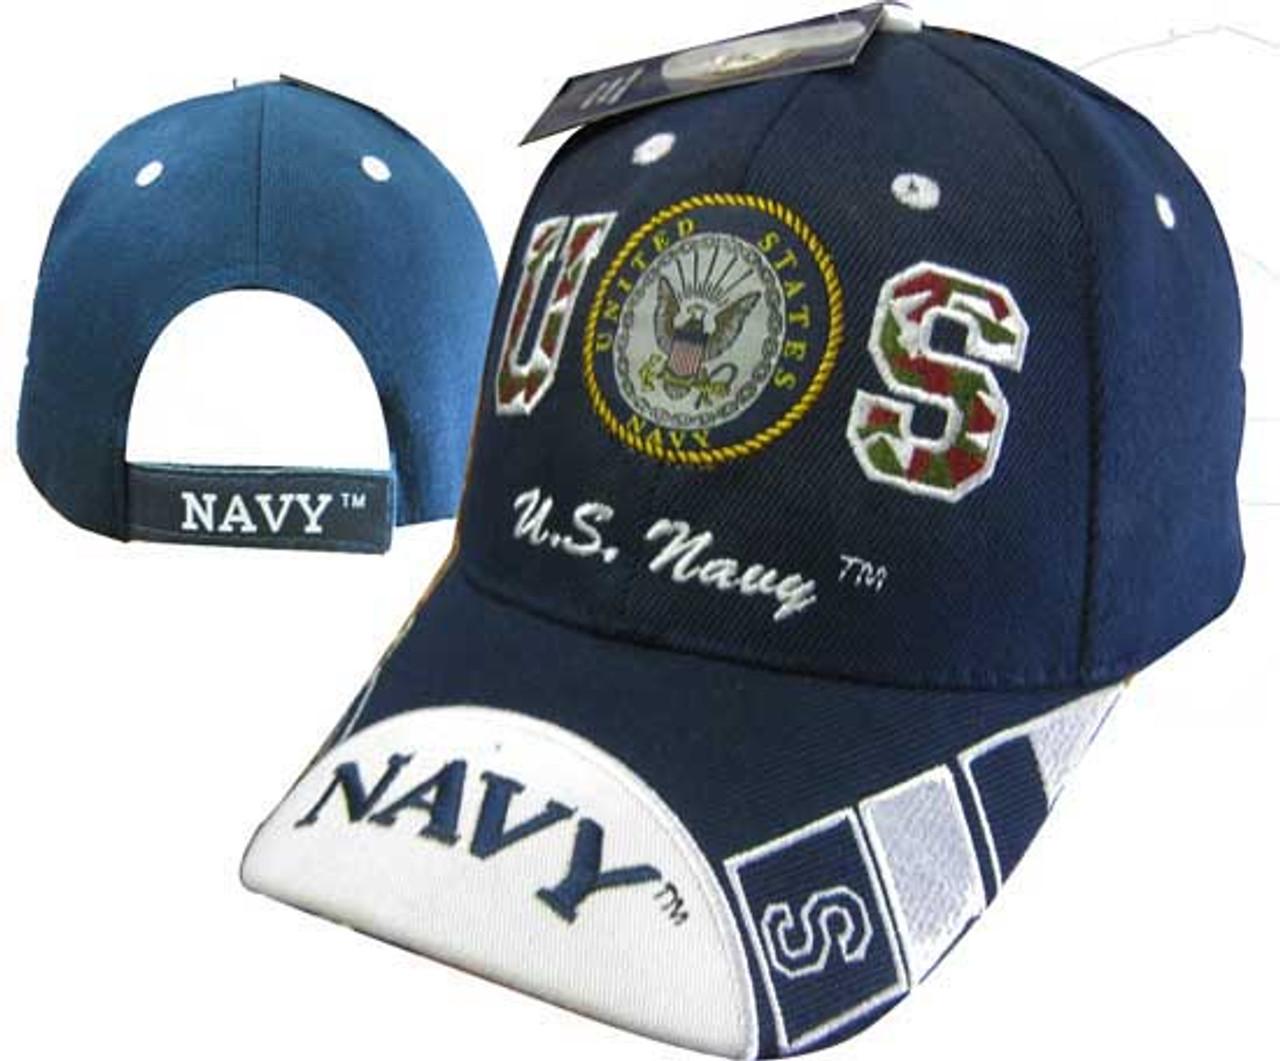 ... australia u.s. navy officially licensed with seal navy logo on bill baseball  cap hat 55cb5 989f0 f9ad2bdb919c